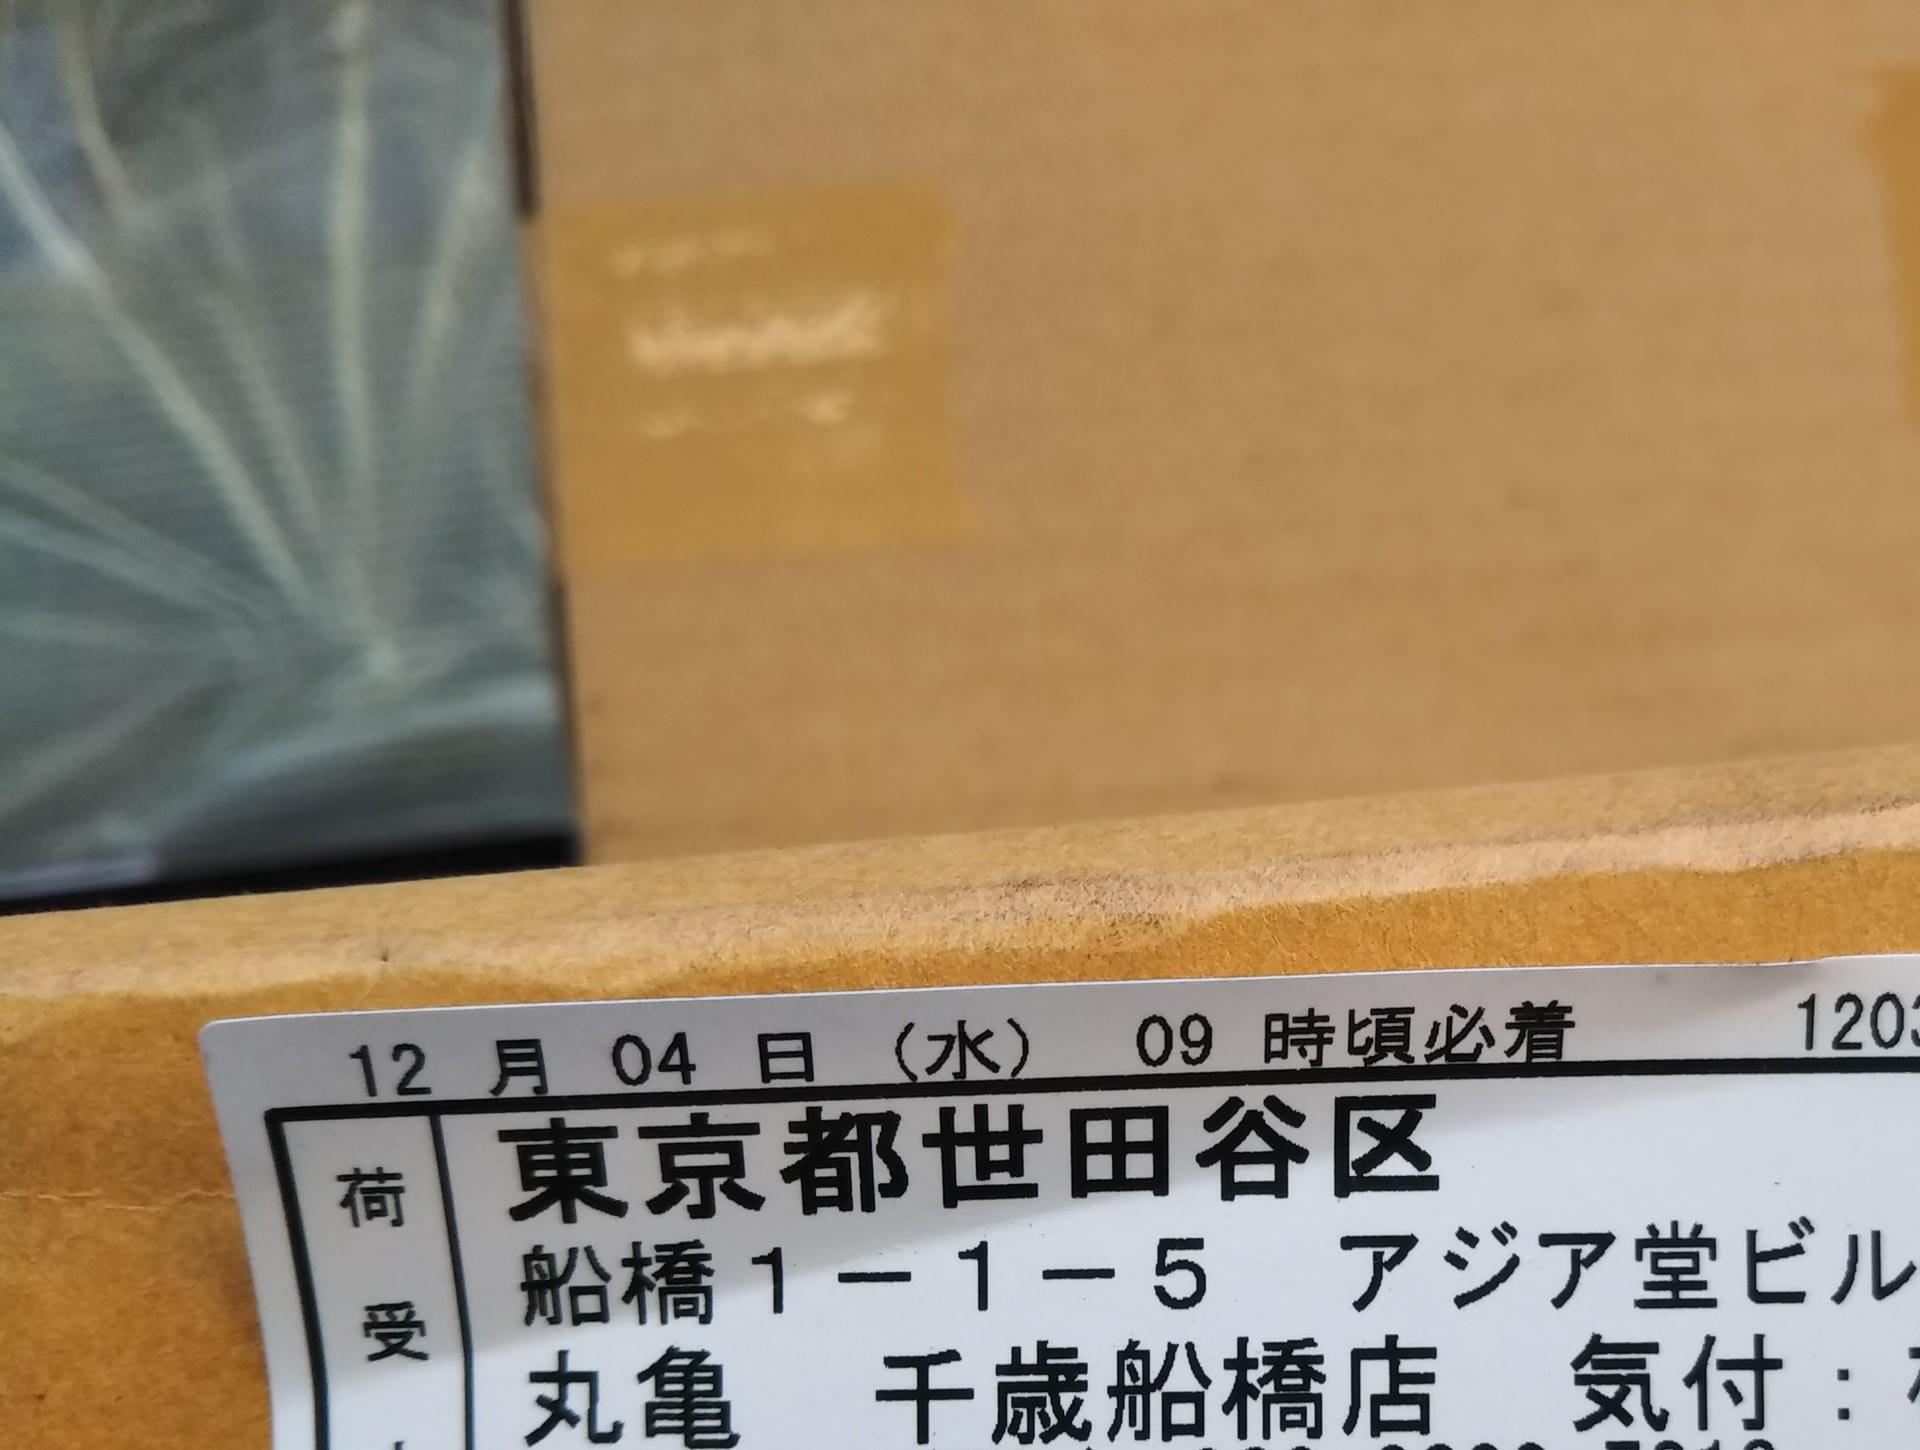 丸亀 製 麺 千歳 船橋